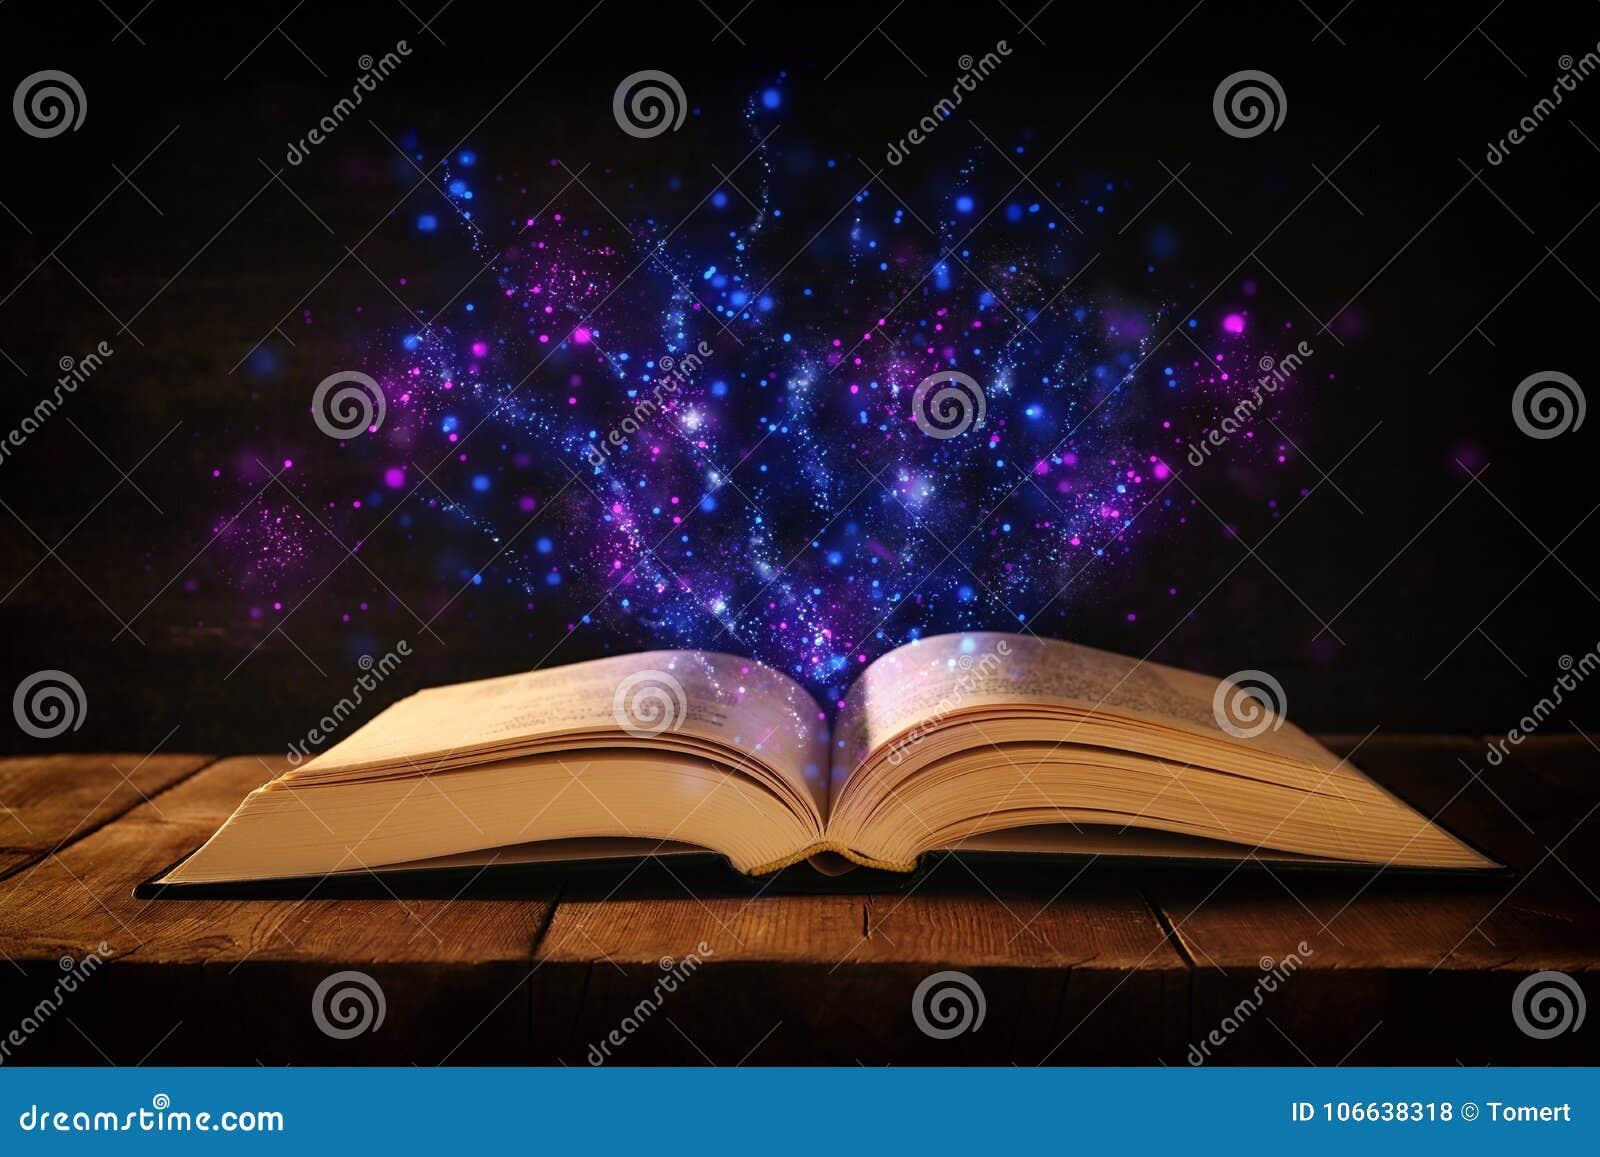 изображение открытой античной книги на деревянном столе с верхним слоем яркого блеска